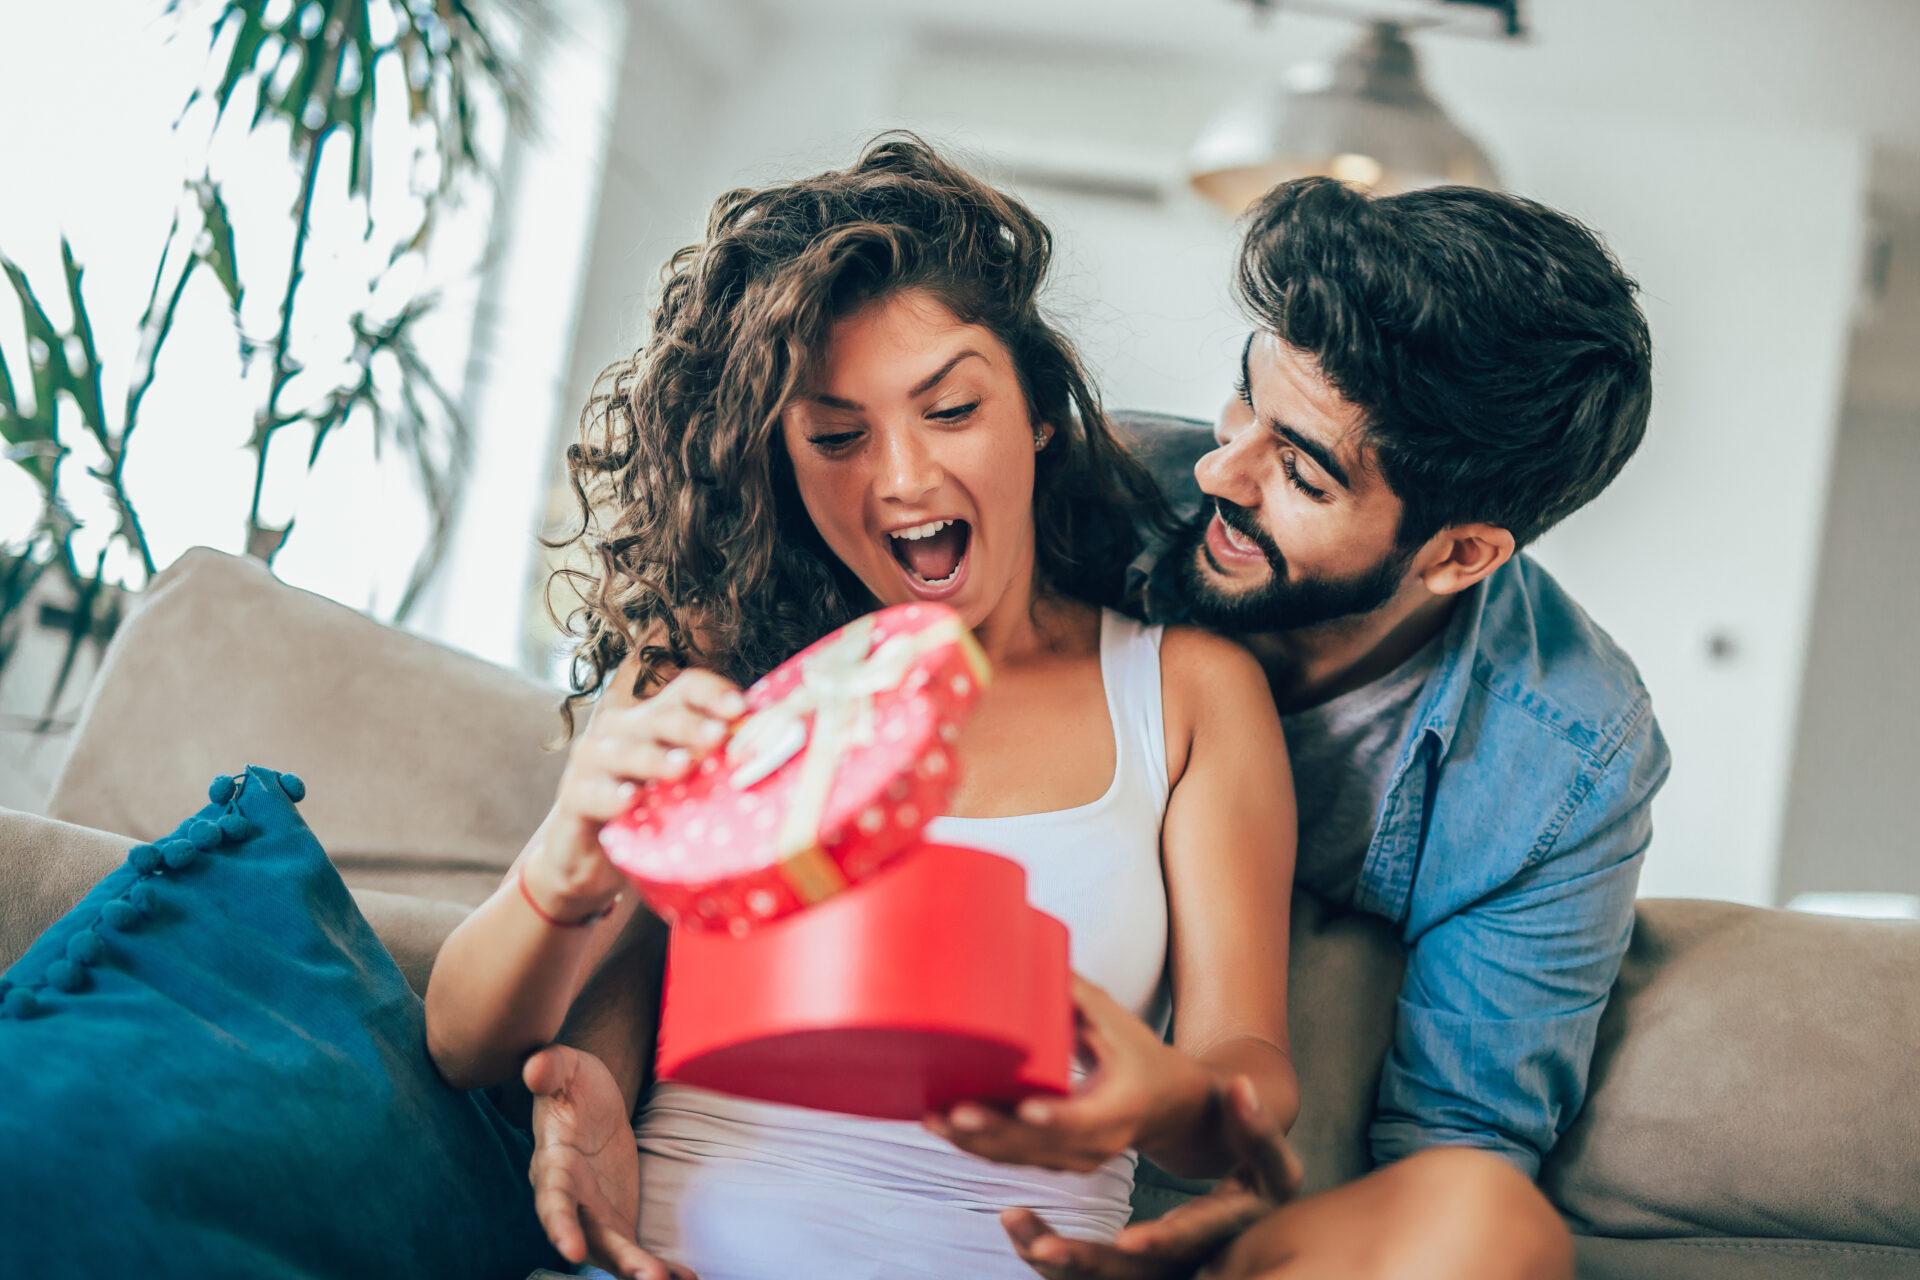 【予算別】女性が喜ぶ贈り物の選び方を徹底解説